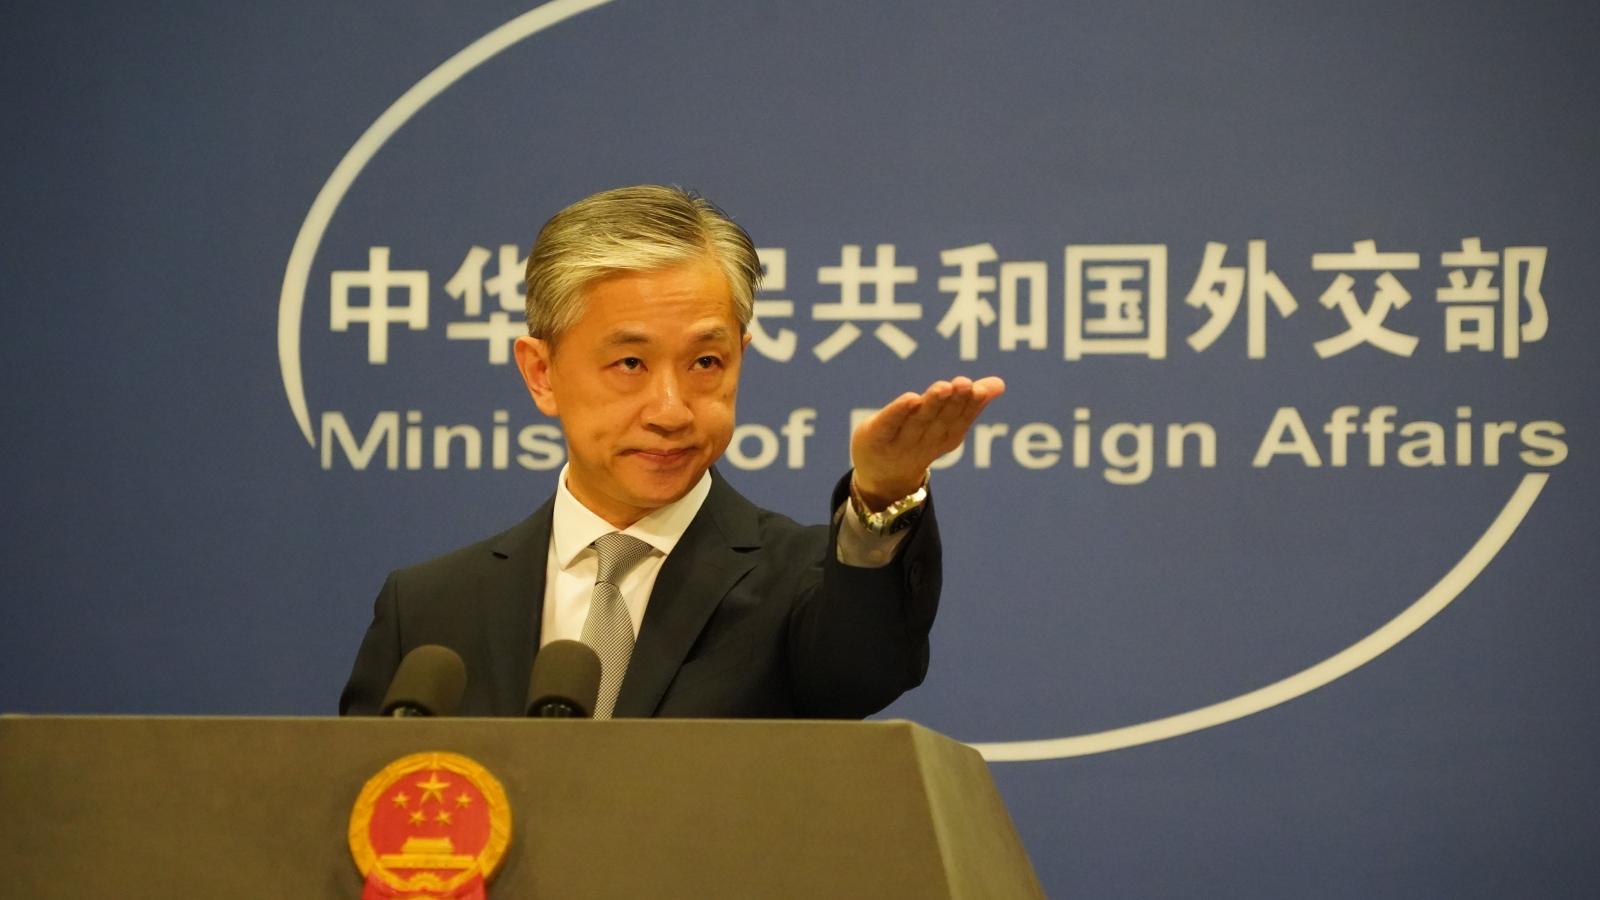 Căng thẳng ngoại giao giữa Mỹ và Trung Quốc tiếp tục gia tăng